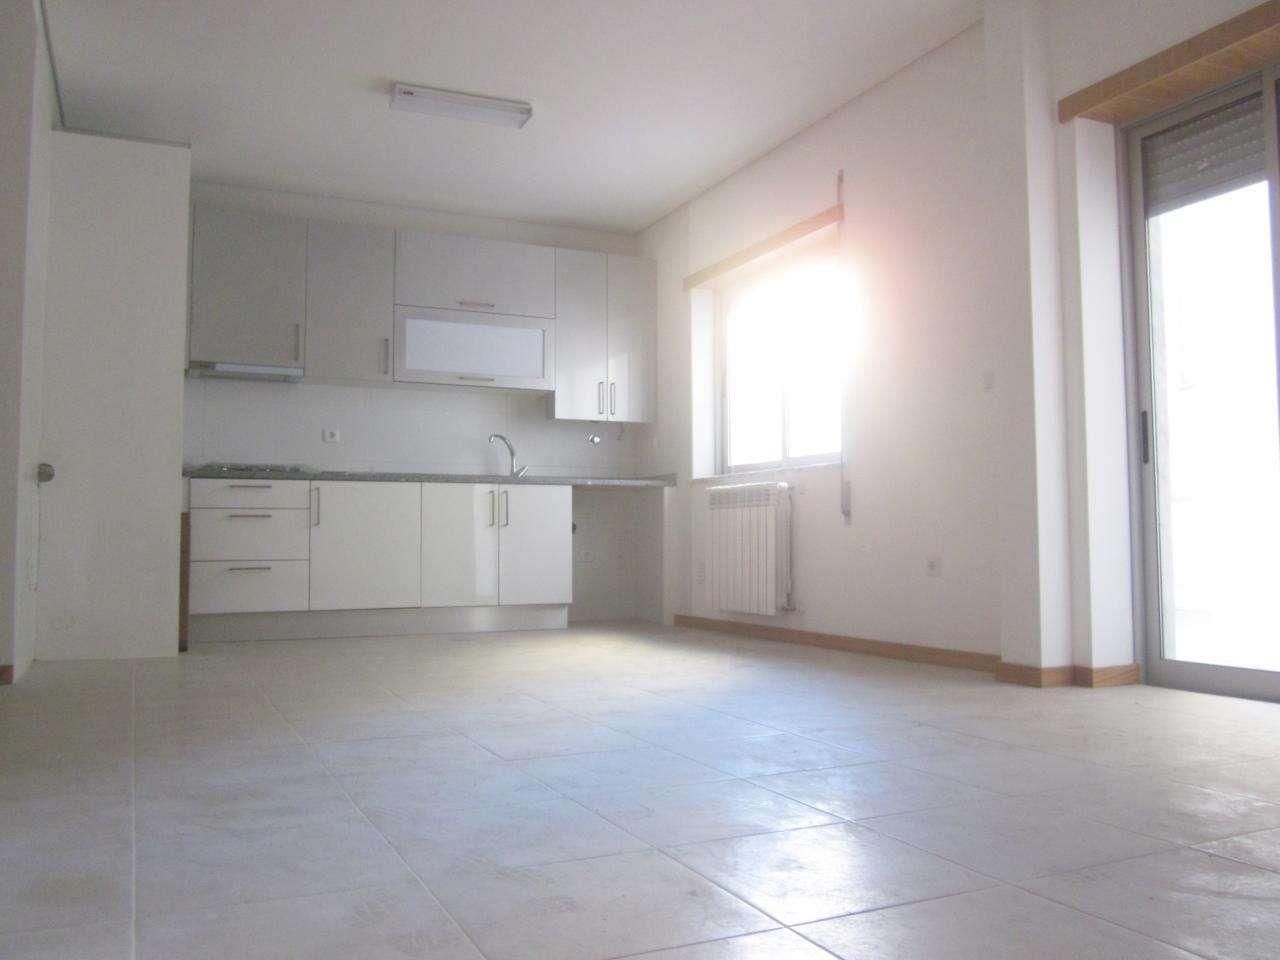 Apartamento para arrendar, Viseu - Foto 1